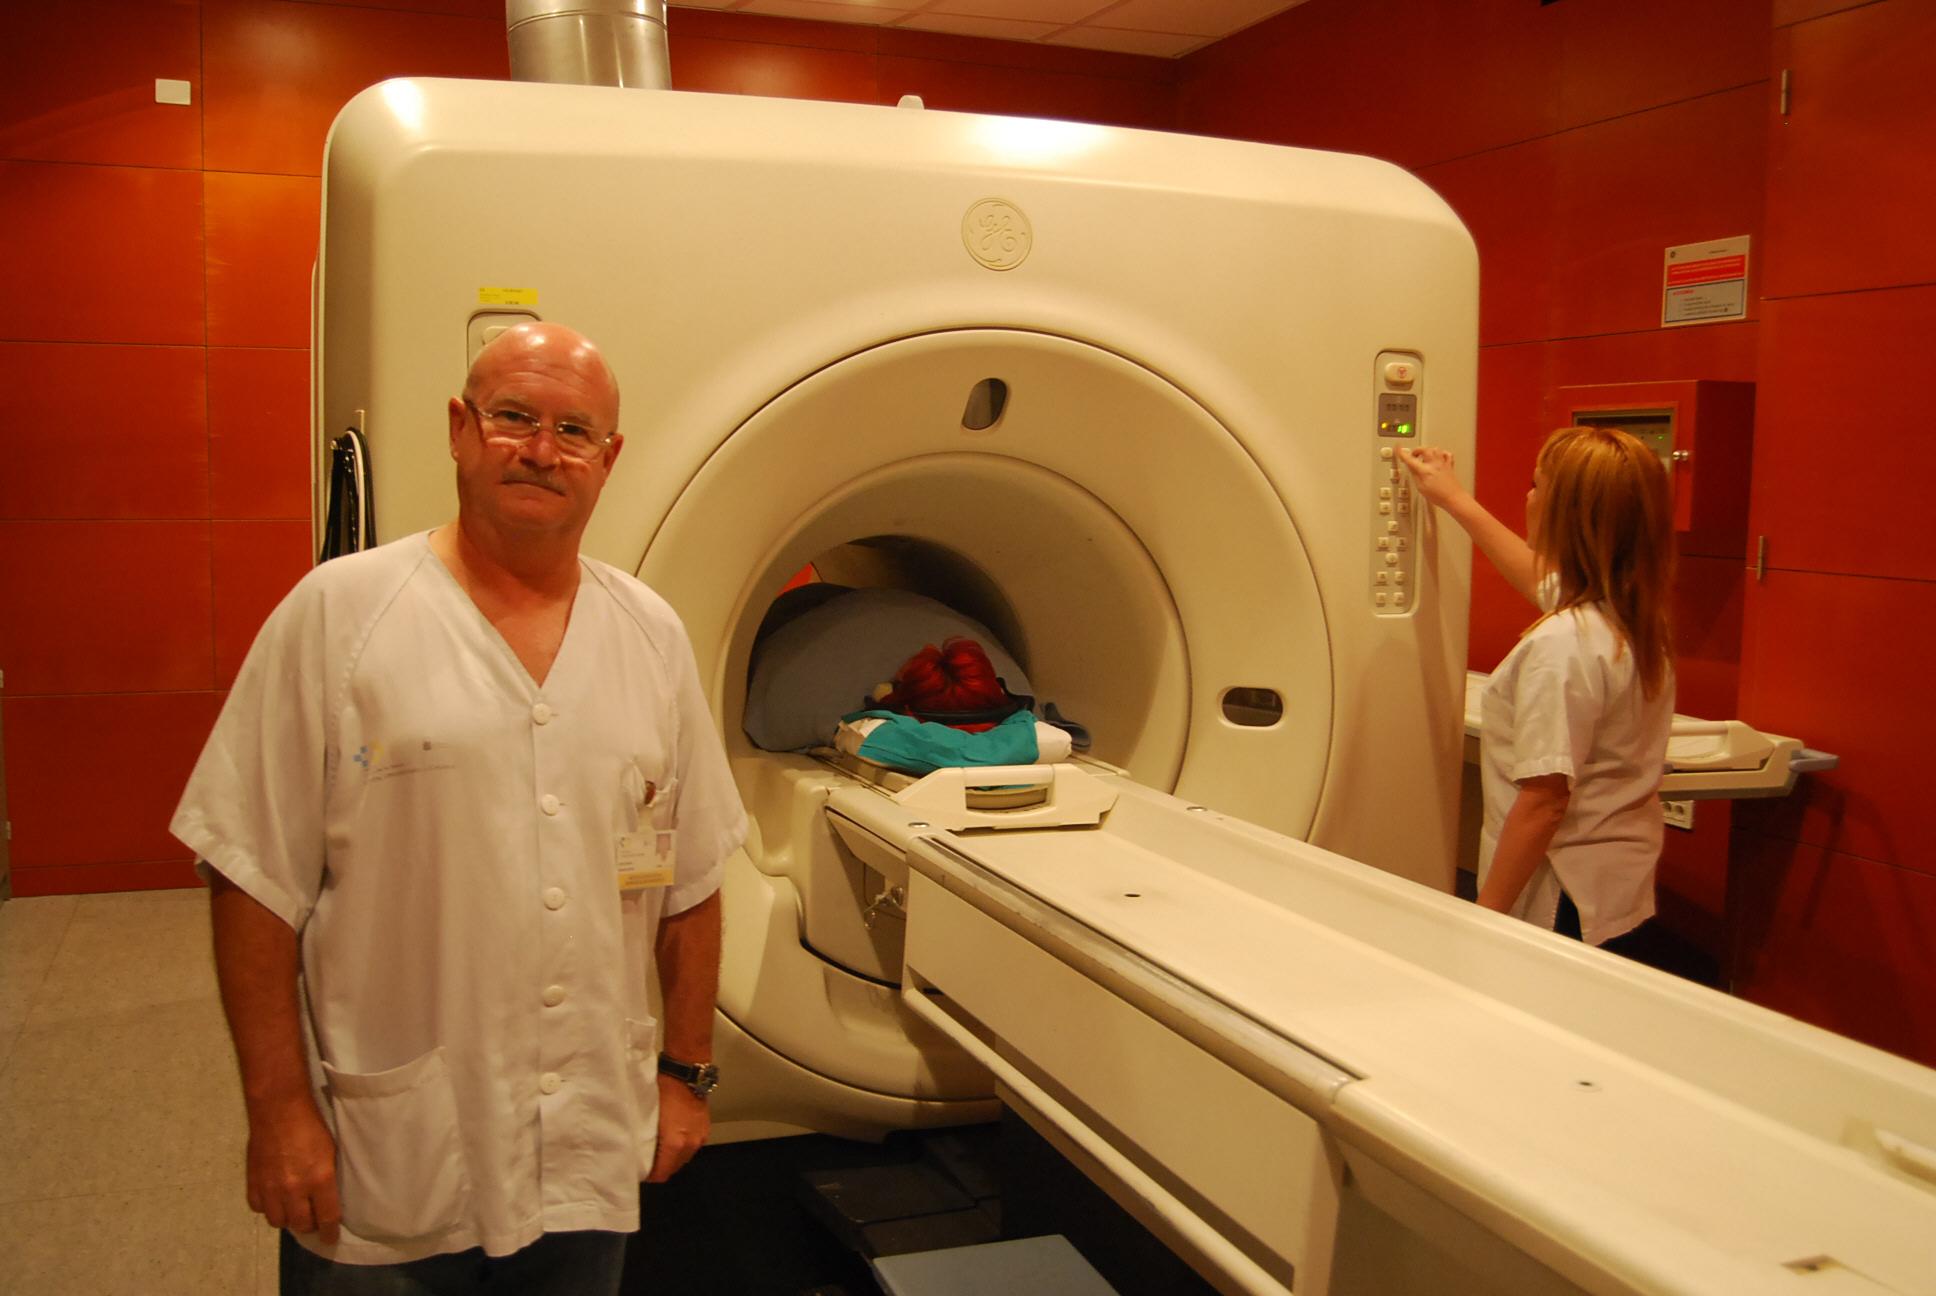 El doctor José Ramón Muñiz es uno de los radiólogos del Servicio de Radiología del Hospital Universitario de Canarias. / CEDIDA